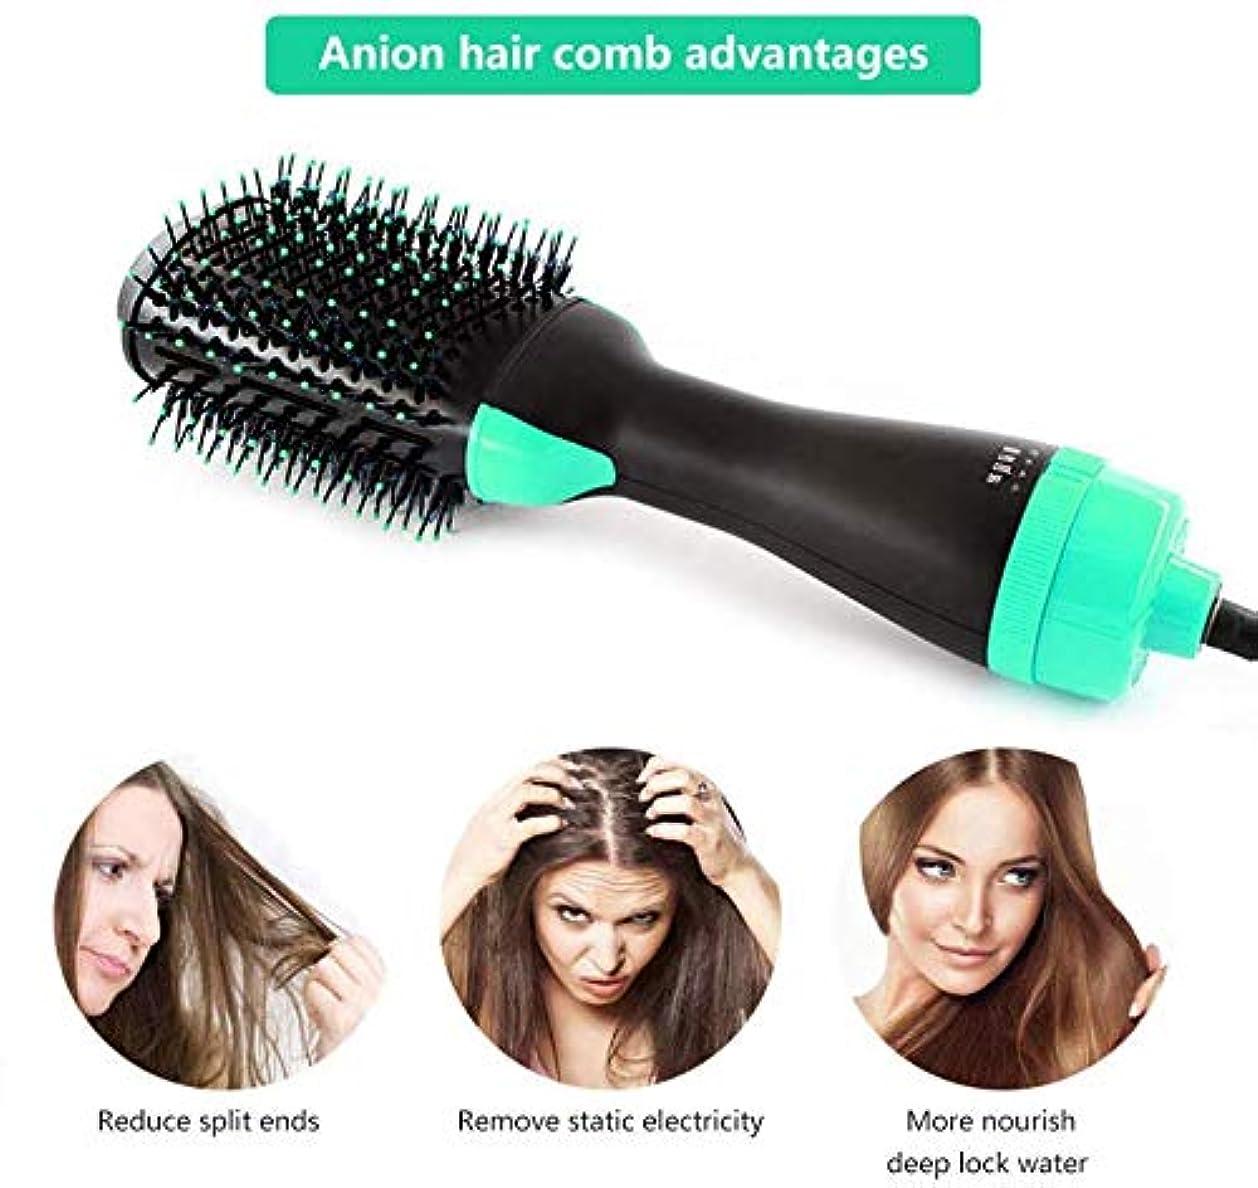 資本ハイランドアクセスできないヘアドライヤーブラシワンステップ、4-in-1ホットエアスタイラーとボリューマイザー、マイナスイオンカーラー矯正コーム、3つの温度、縮れを軽減し、長い髪に適しています,グリーン